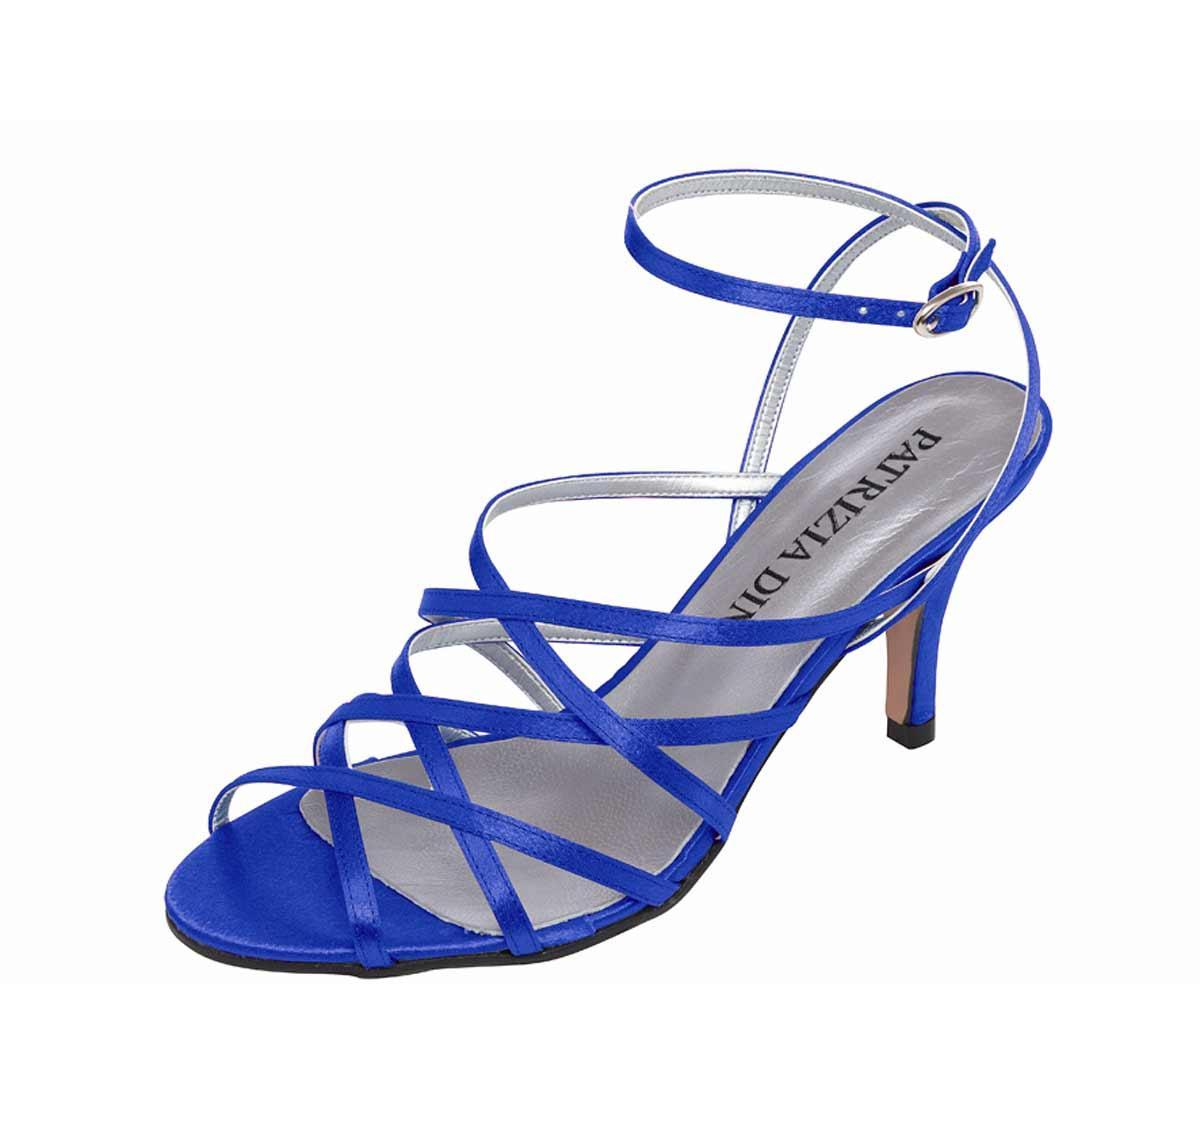 72358cdf5d3f Designer-Sandalette royalblau   Schuhe   Outlet Mode-Shop